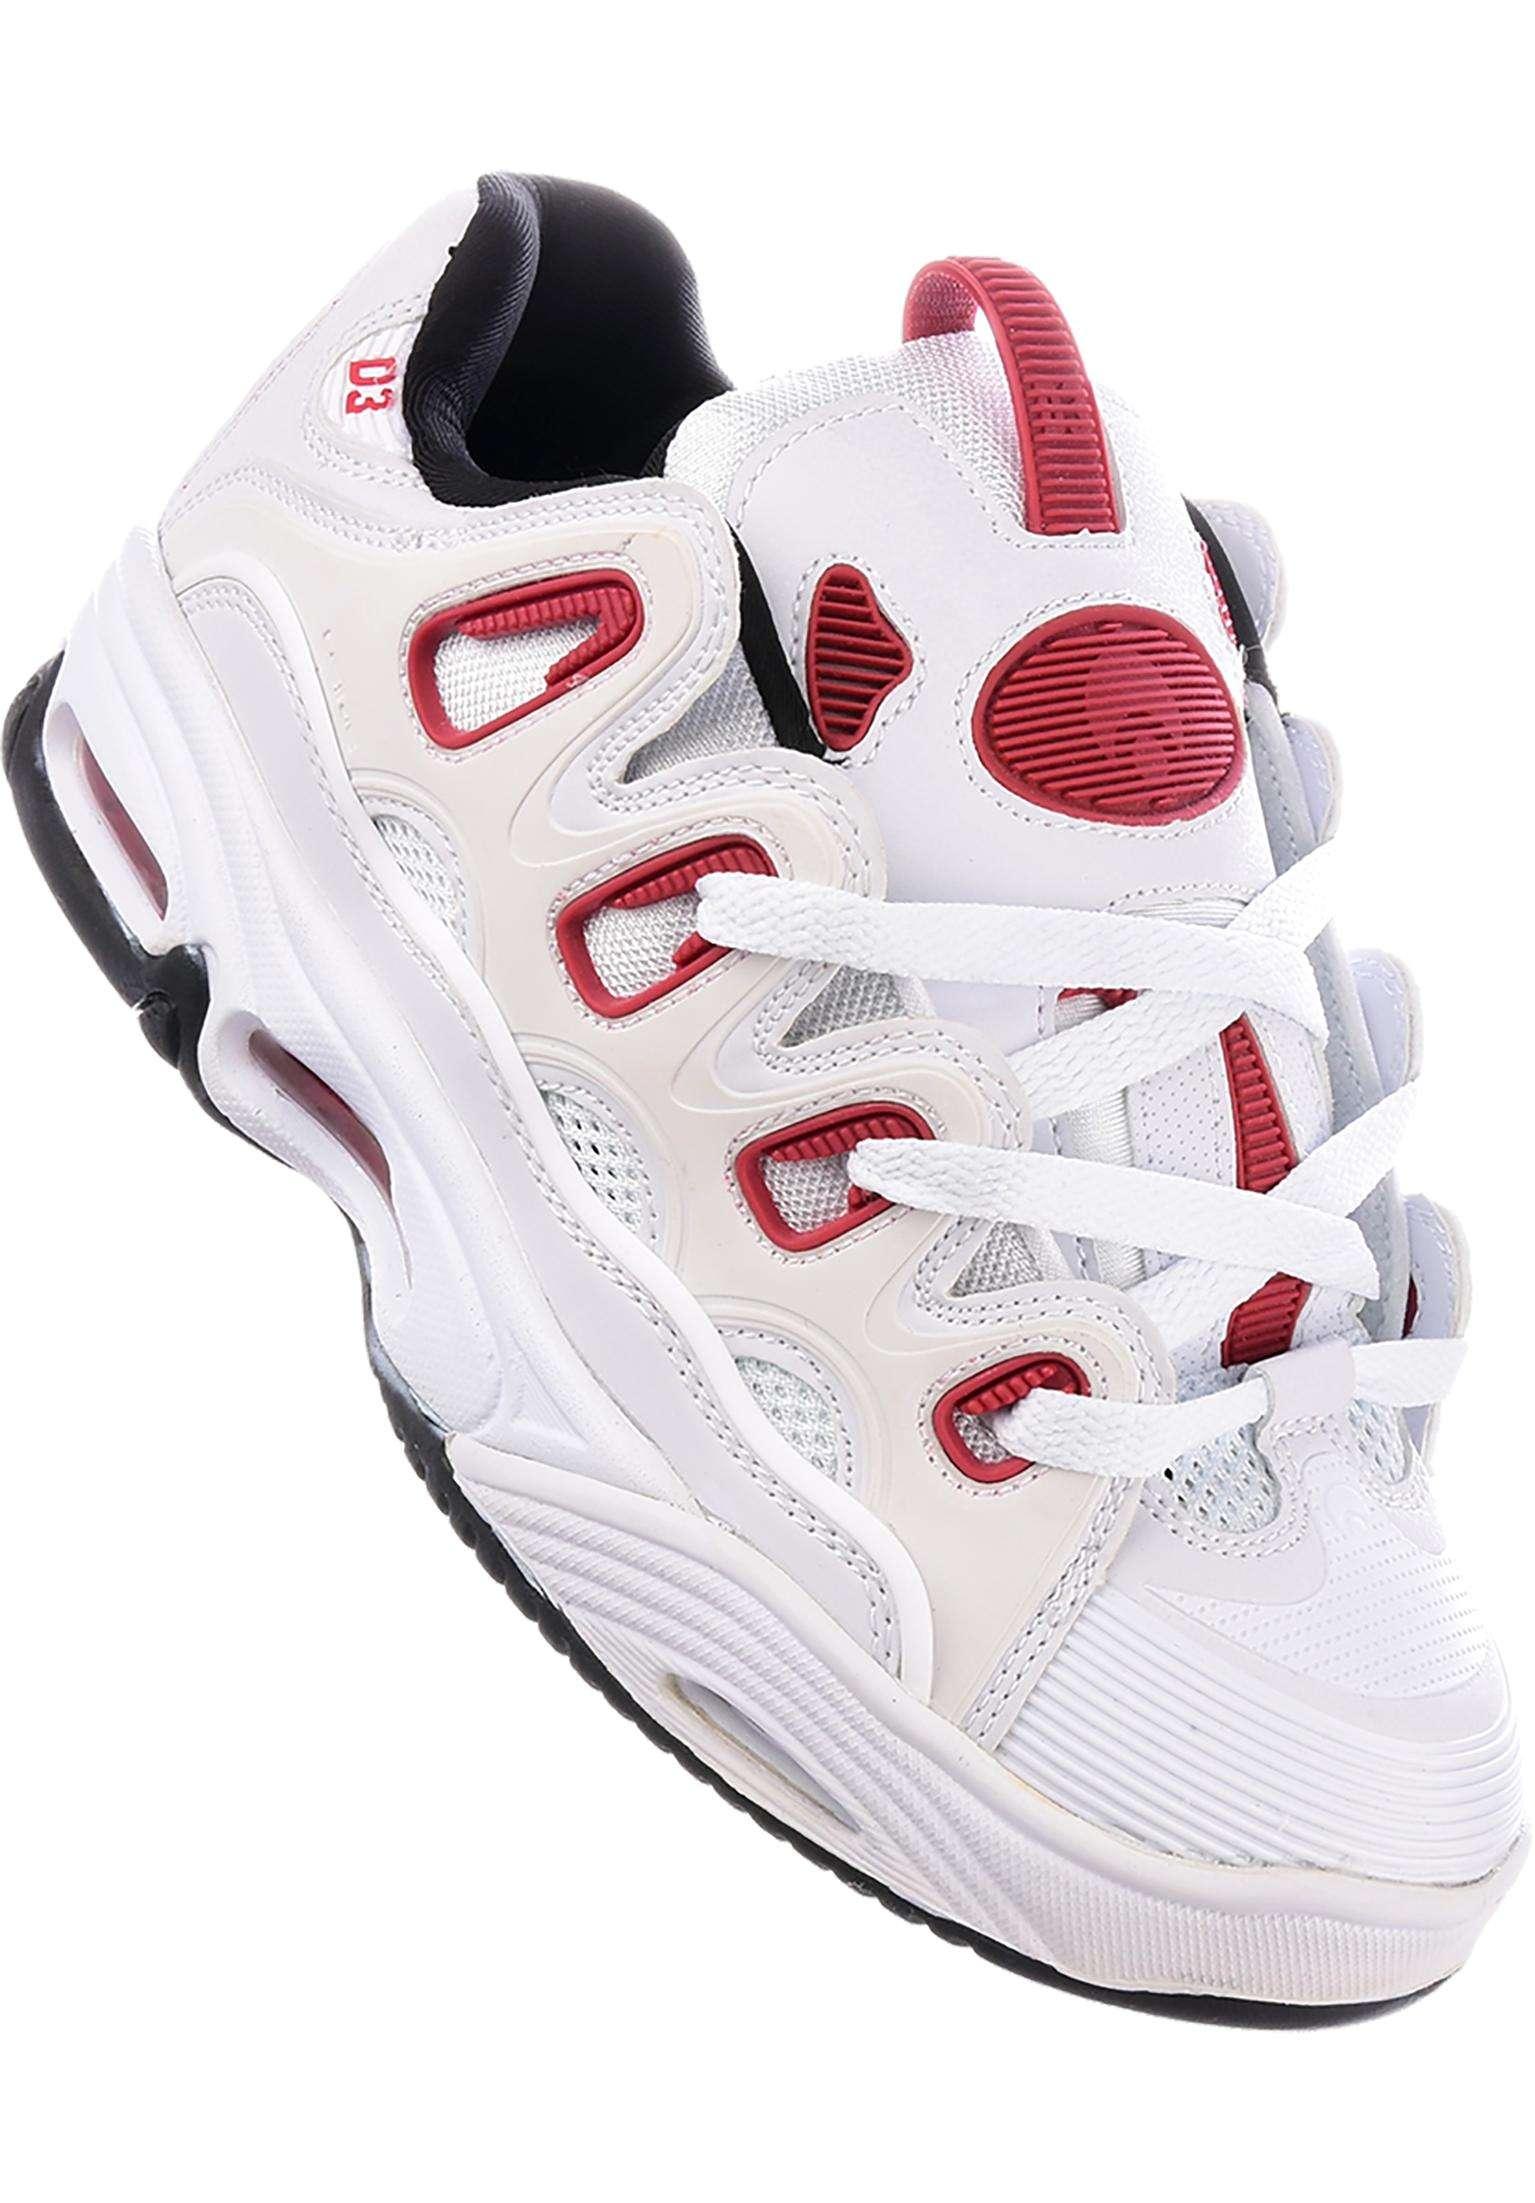 D3 2001 Osiris Tutte le scarpe in white-red-black da Uomo  3604c54f791